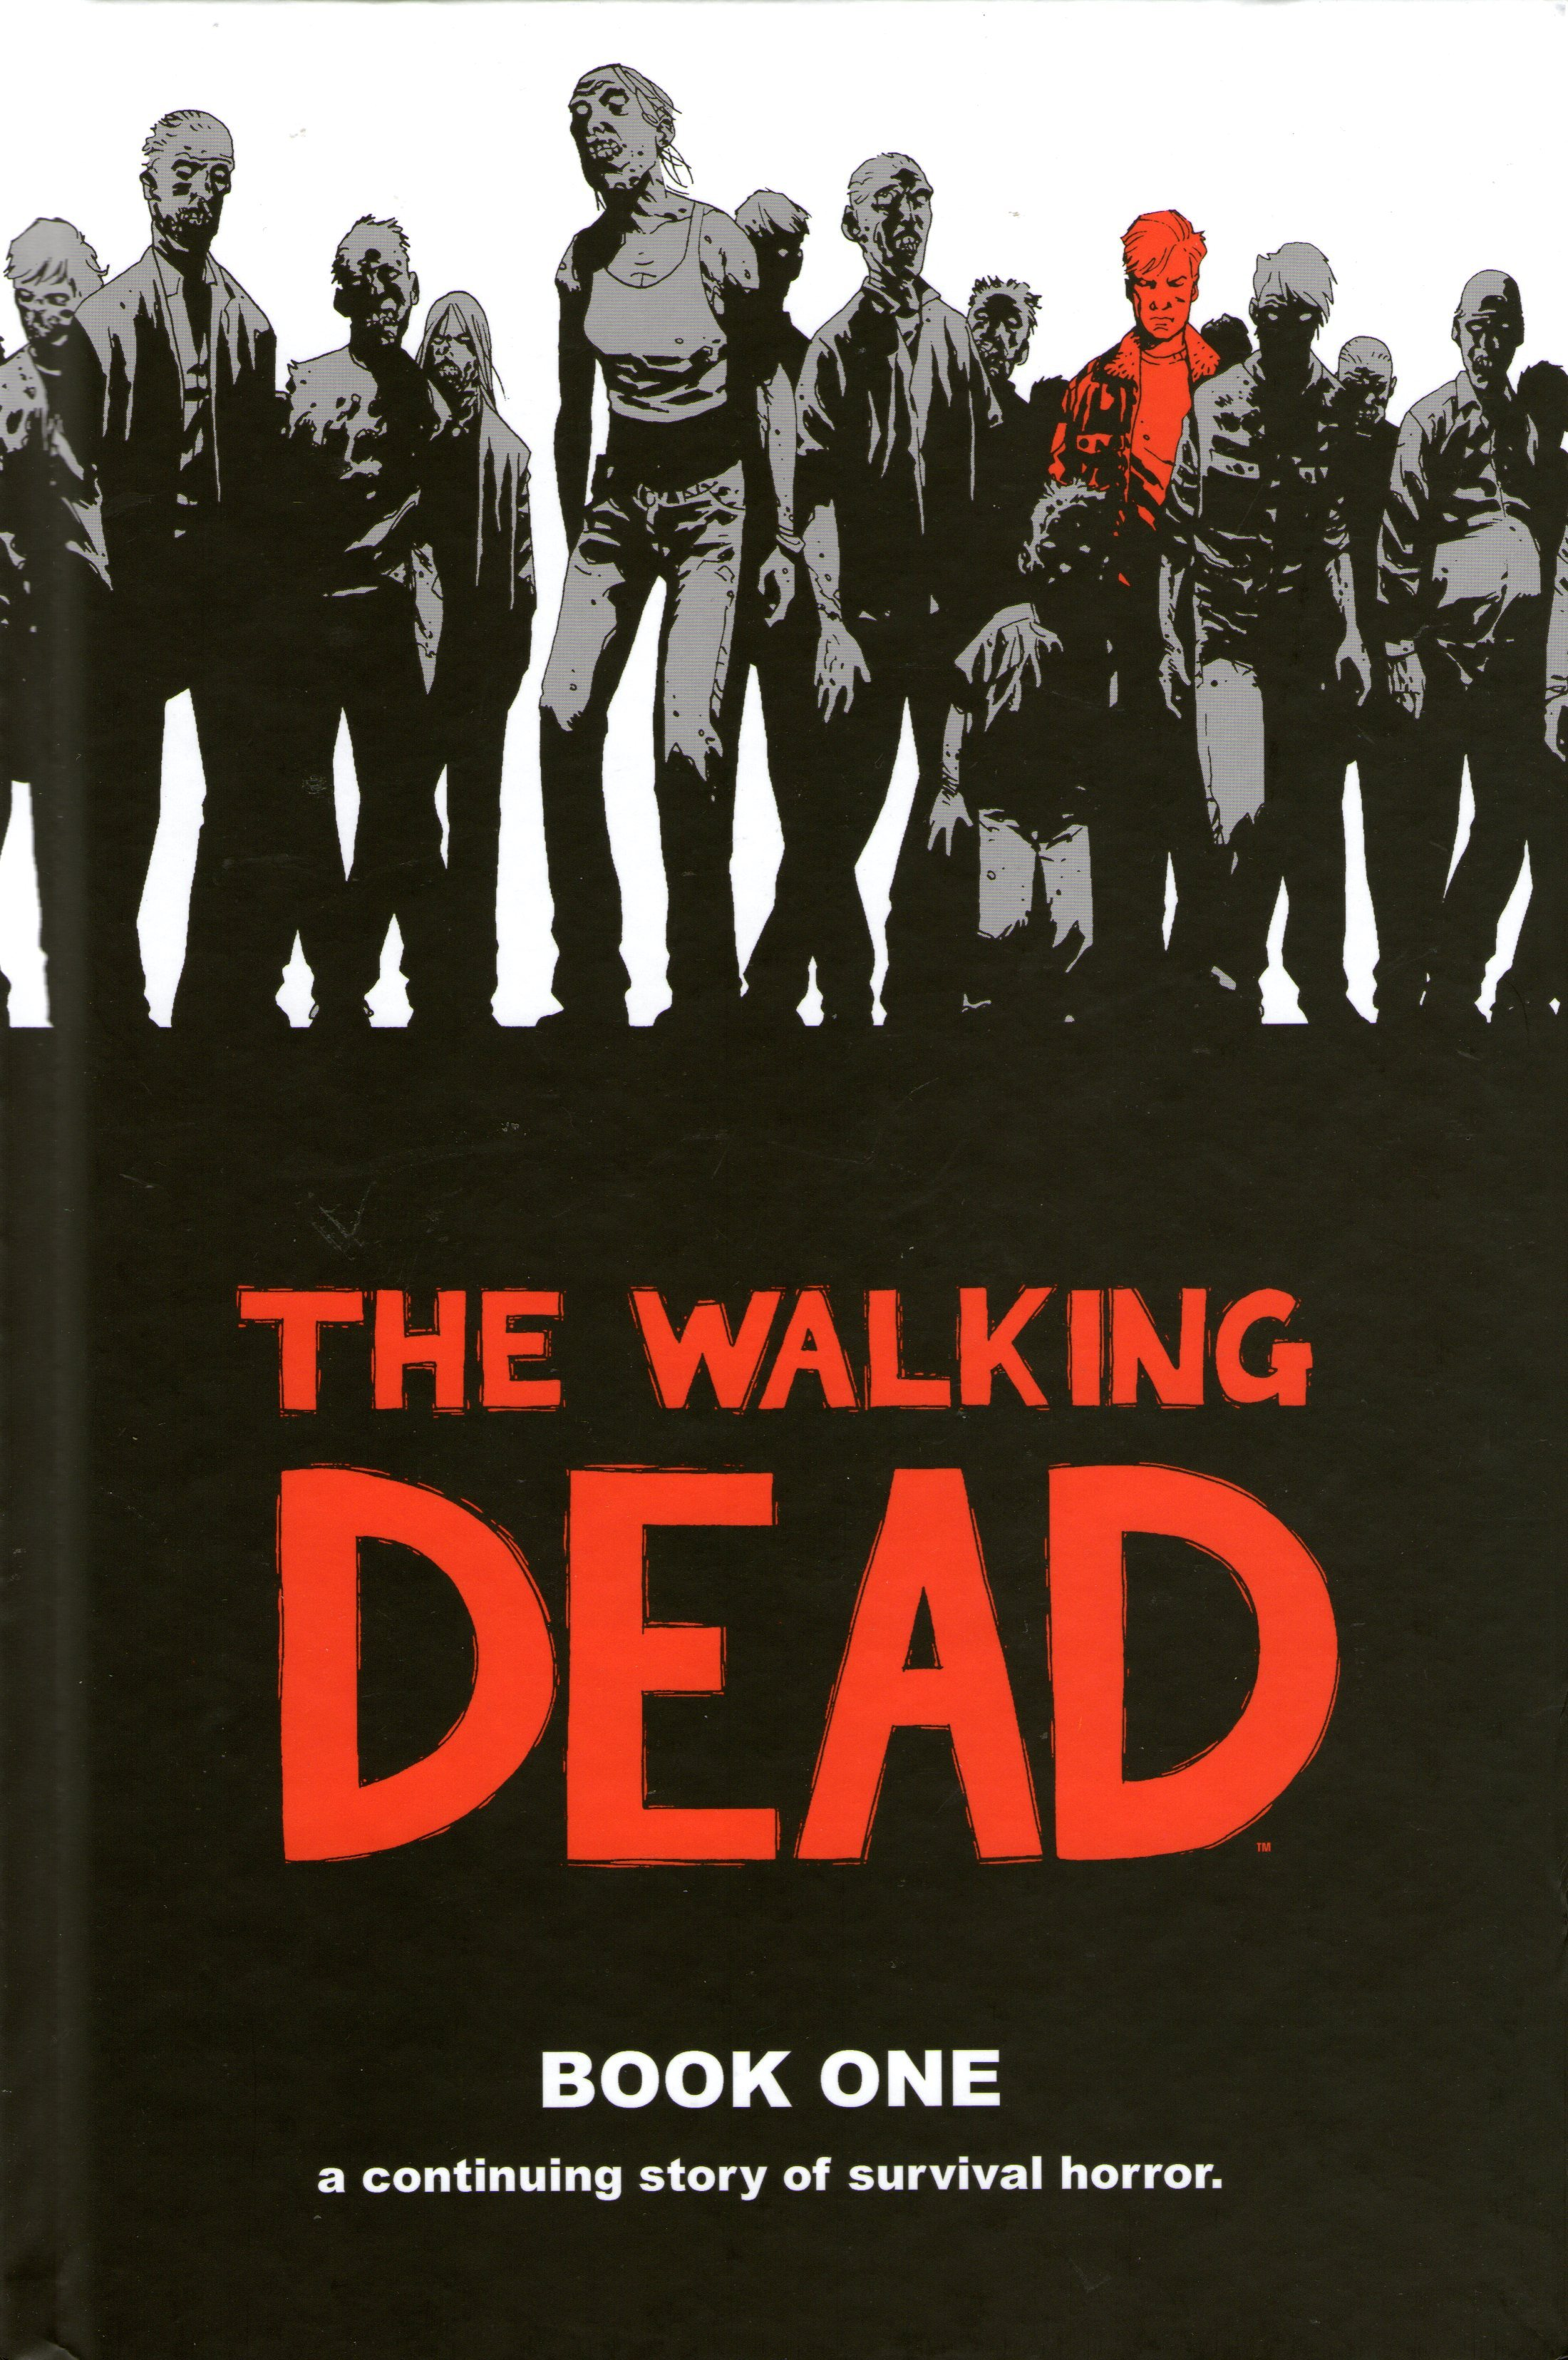 The Walking Dead, Book One (The Walking Dead #1-12)